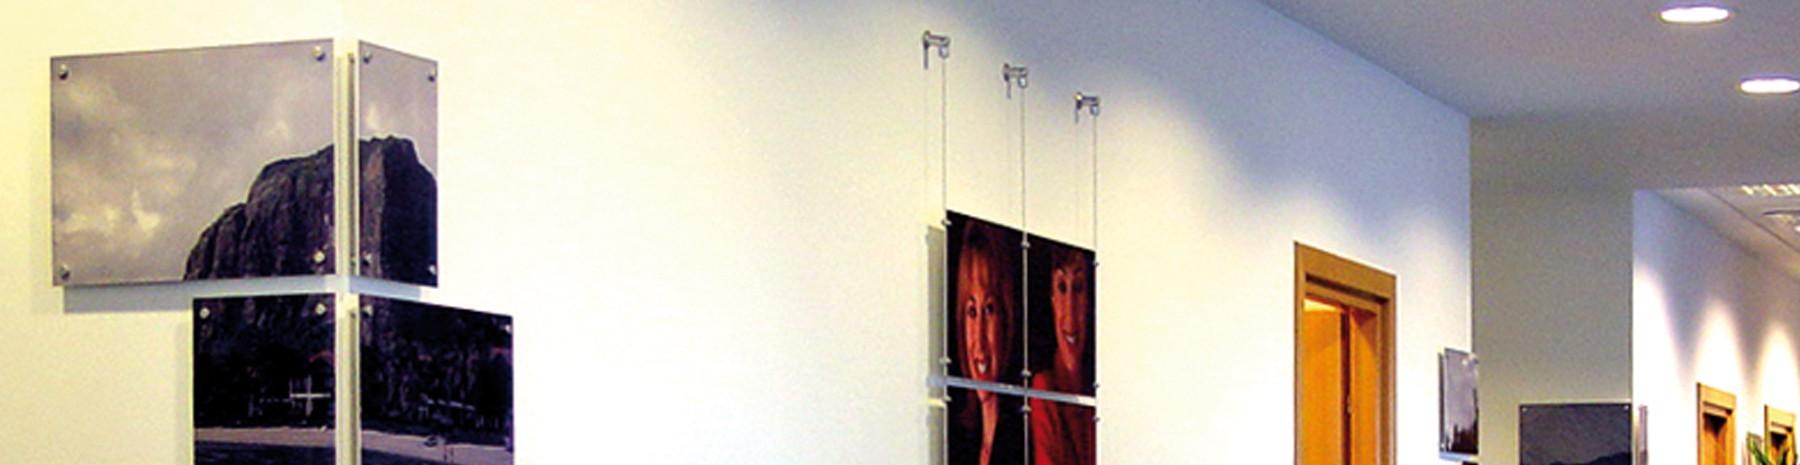 Porte-affiche plexiglas pour affichage murale ou suspendu - Altumis